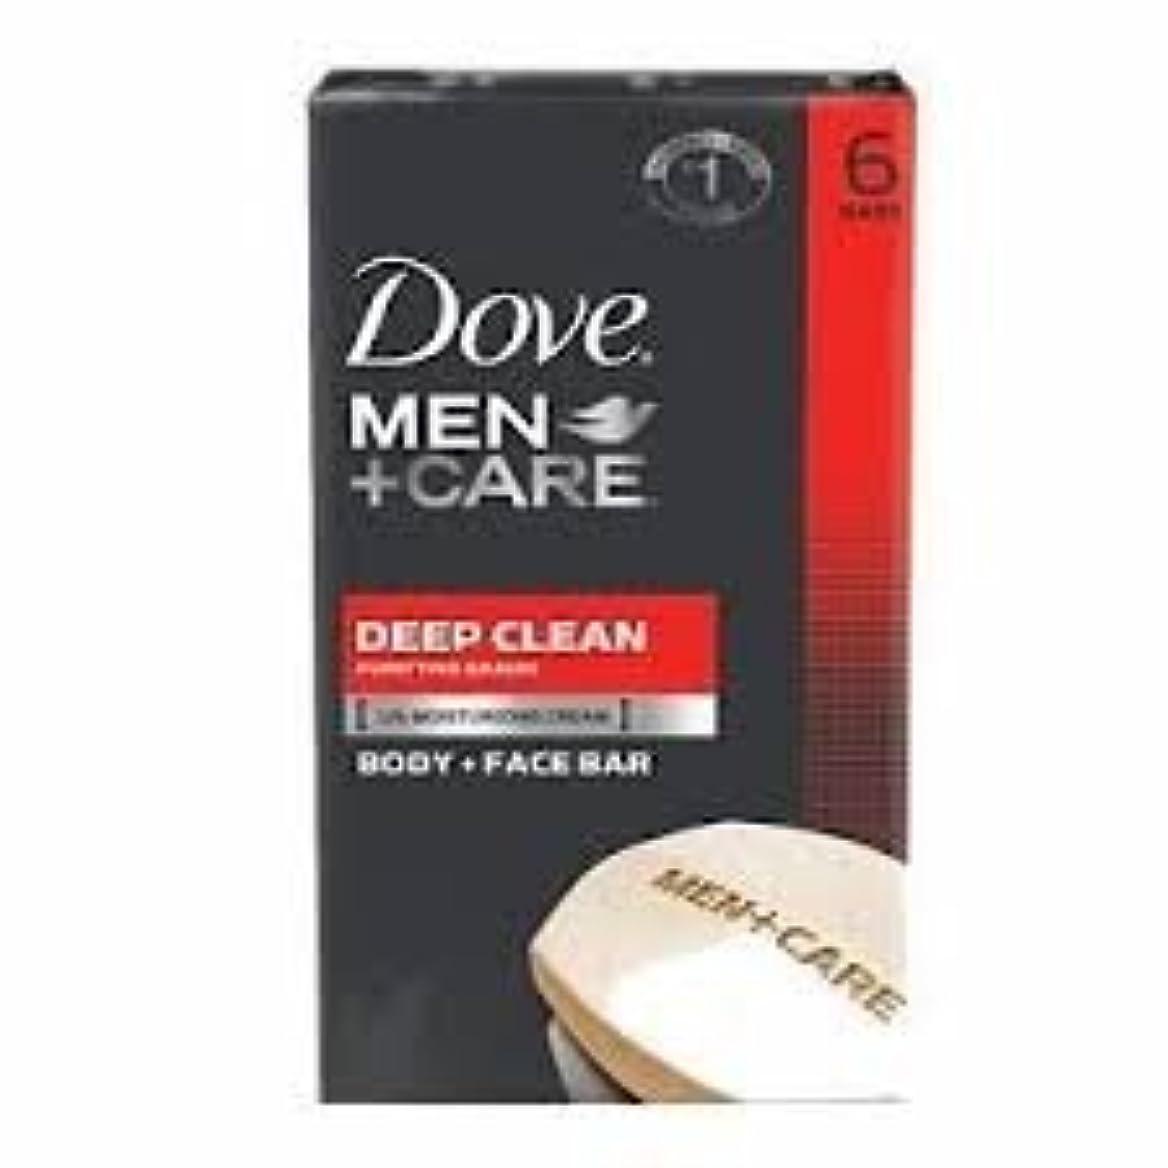 うつポンドオフェンスDove Men + Care Body and Face Bar, Deep Clean 4oz x 6Bars ダブ メン プラスケア ディープ クリーン ソープ 4oz x 6個